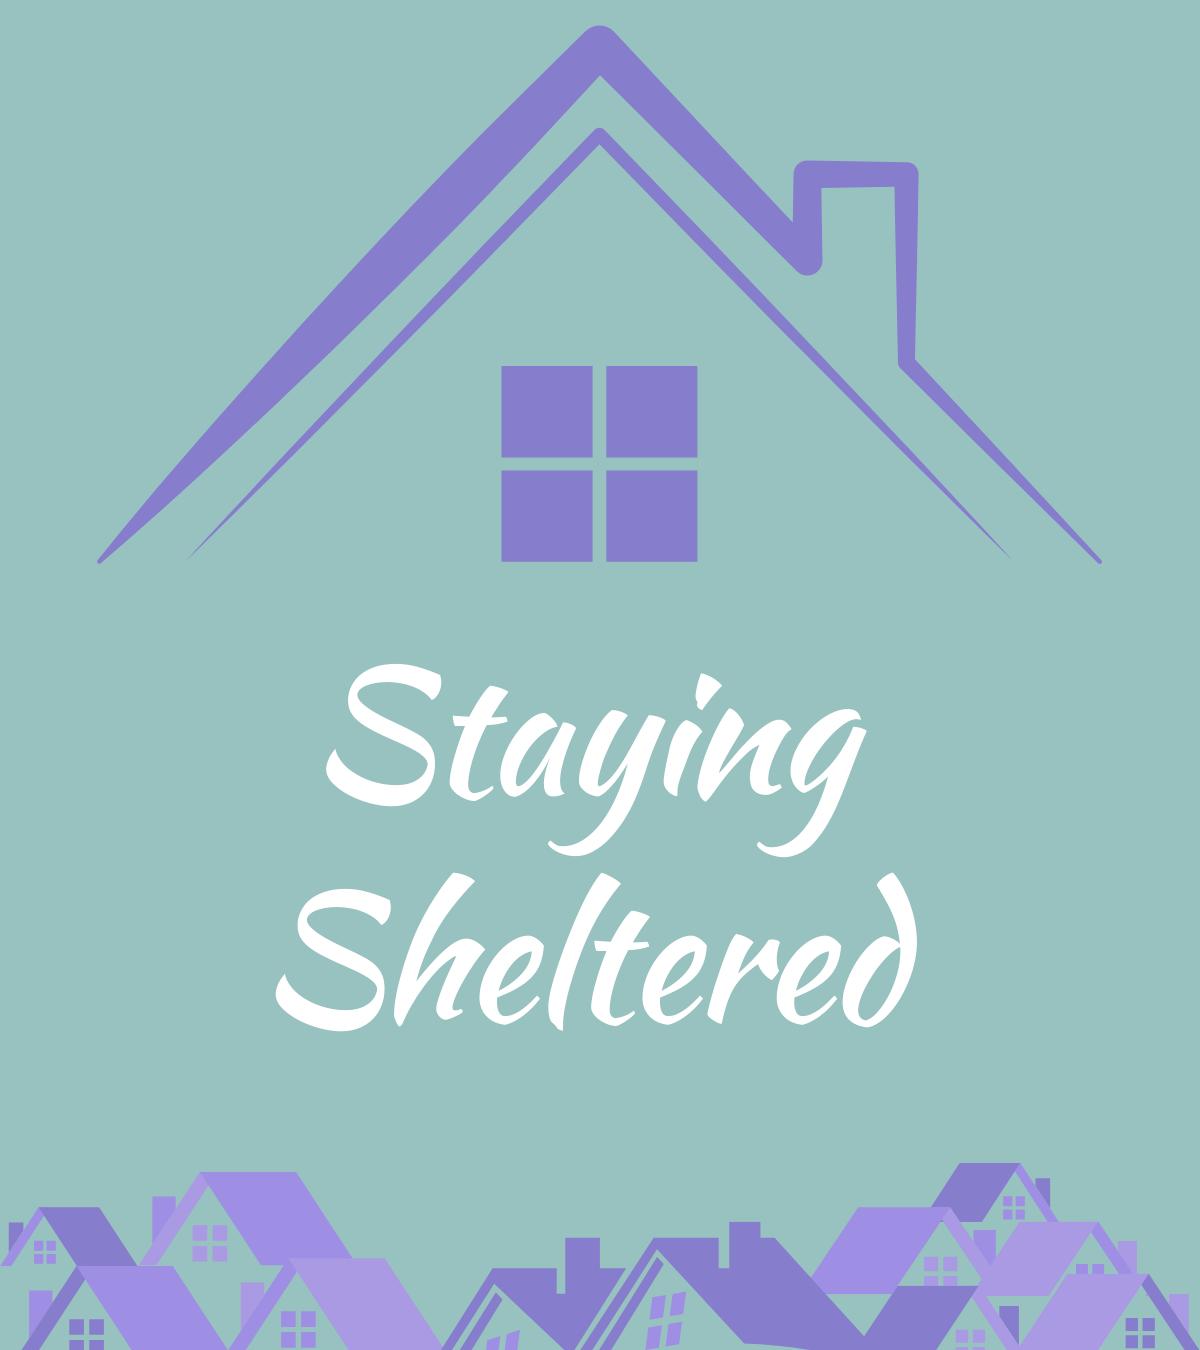 Gala Logo - Staying Sheltered